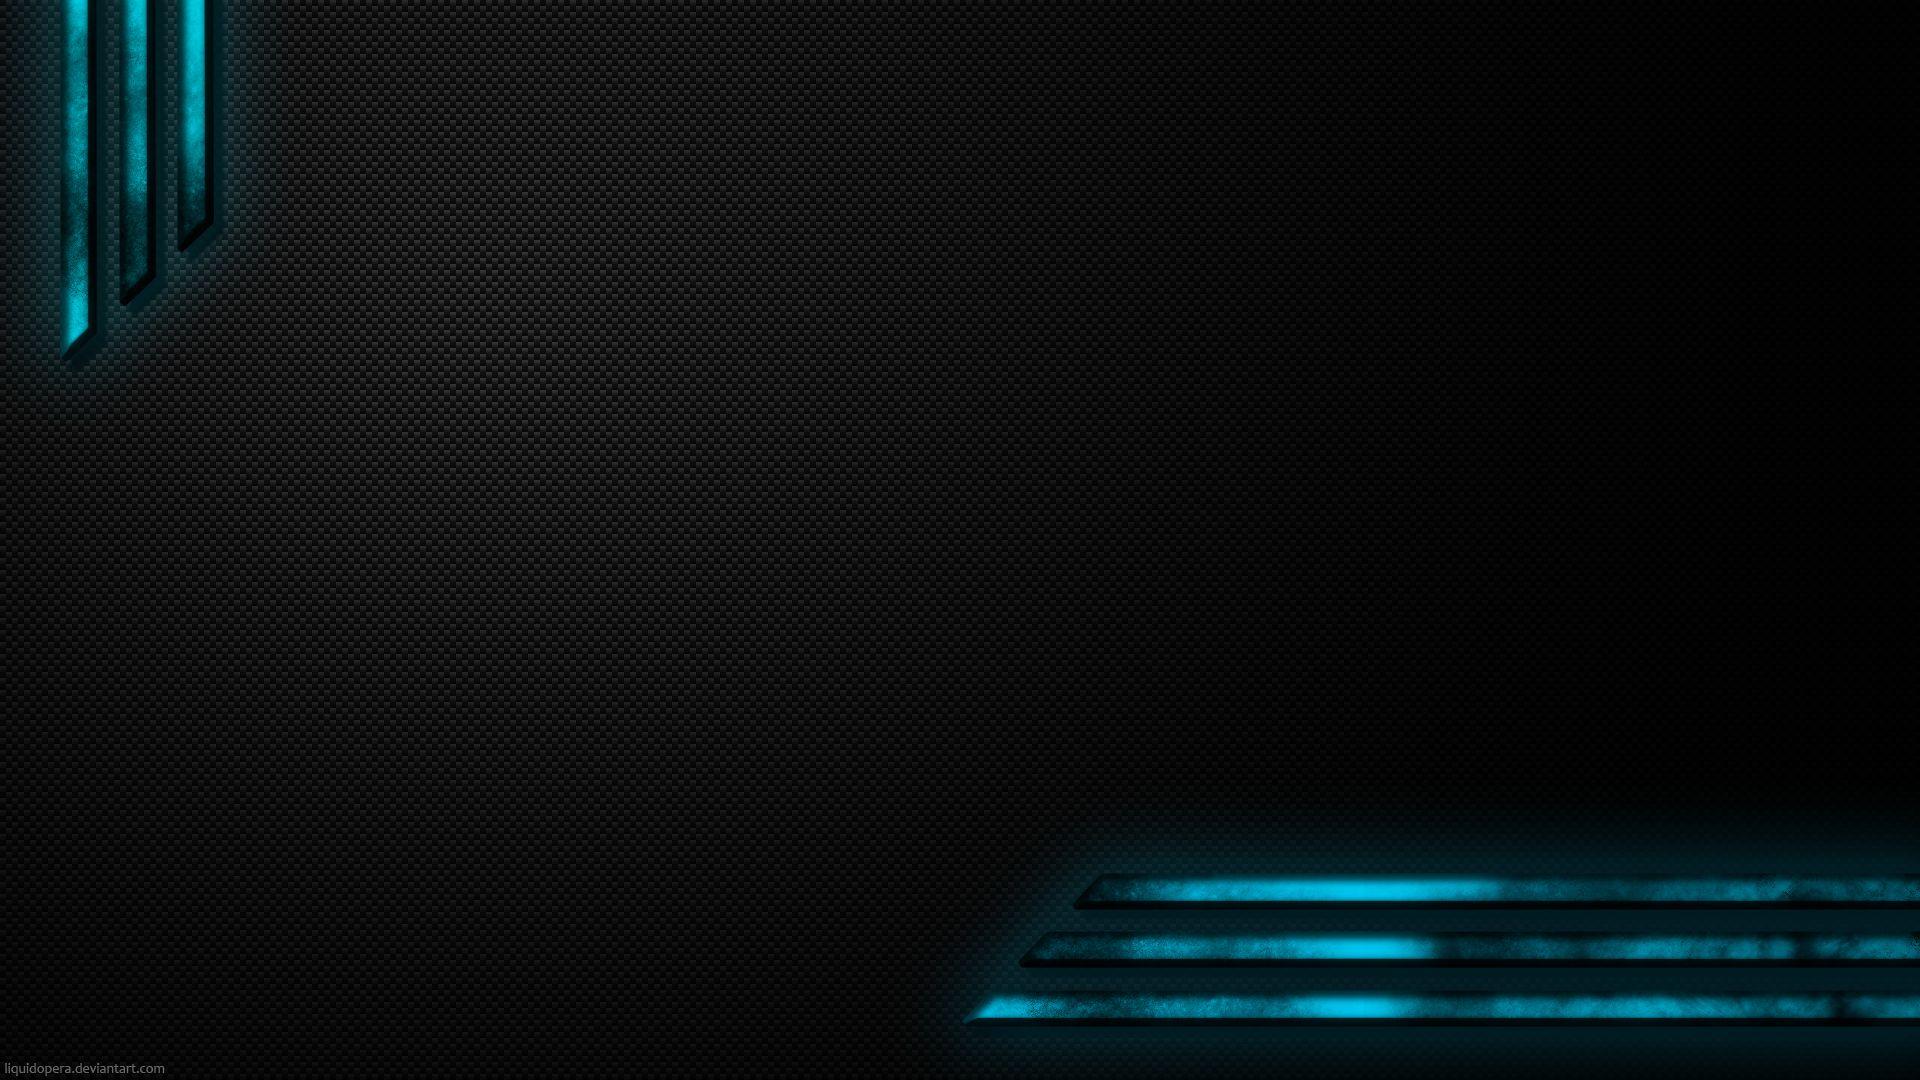 Degradado-fondo-de-pantalla-lineas-azules-hd-hq-p-ecro